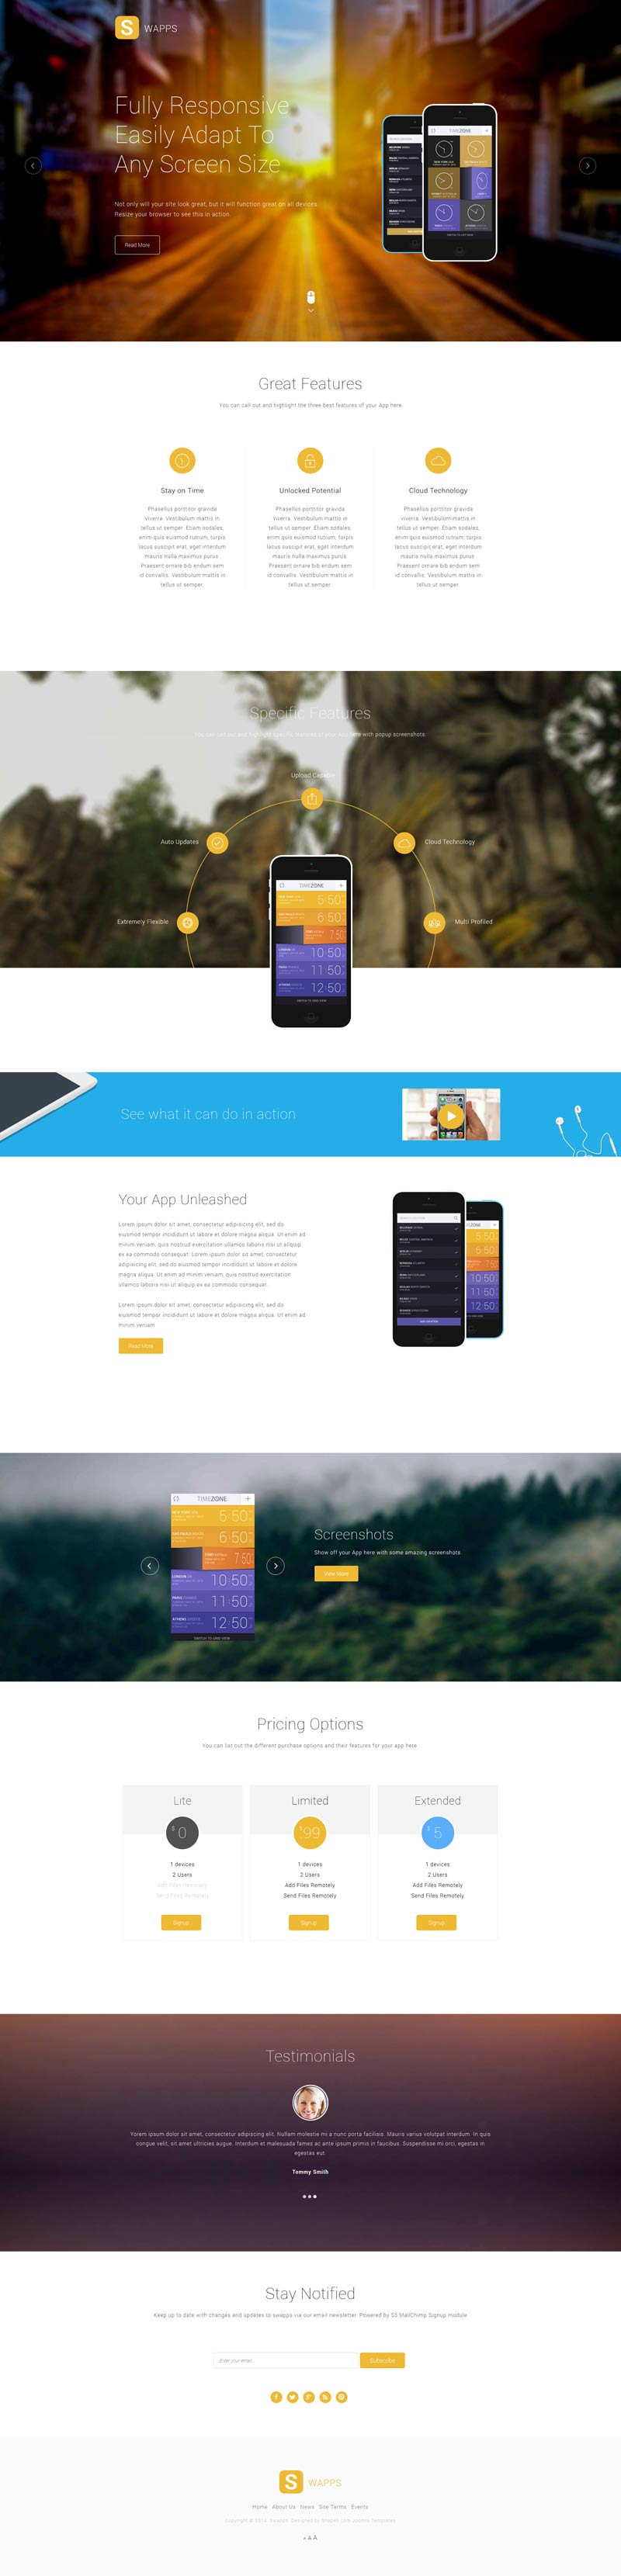 Swapps Joomla App Store Template